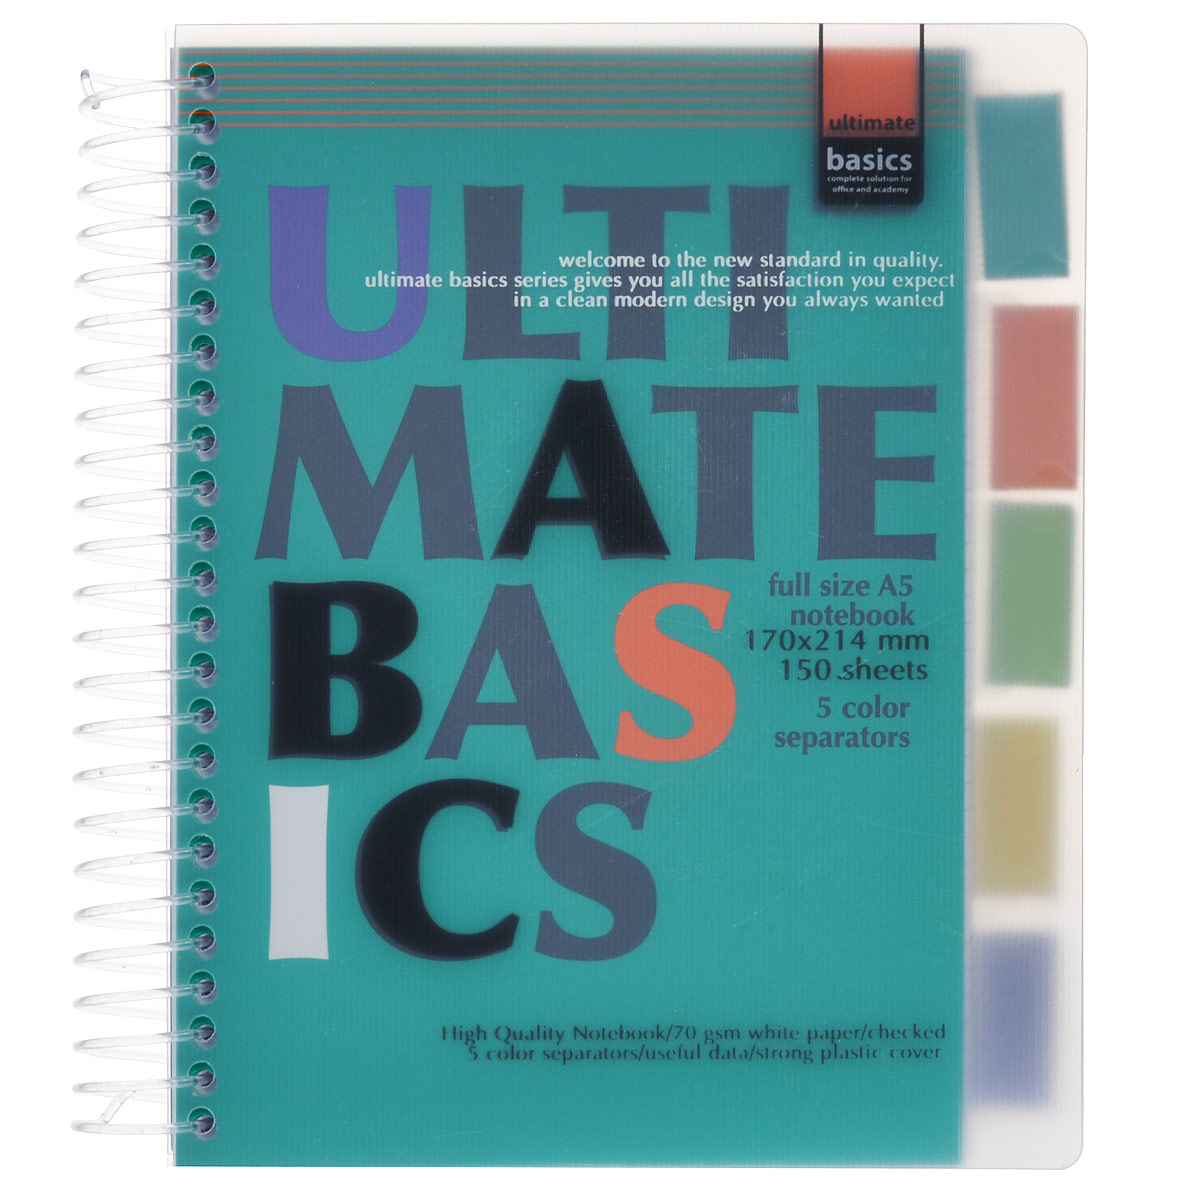 Бизнес-блокнот Ultimate Basics, цвет: зеленый, 150 листов. Формат А5 блокнот на греческом побережье на резинке а5